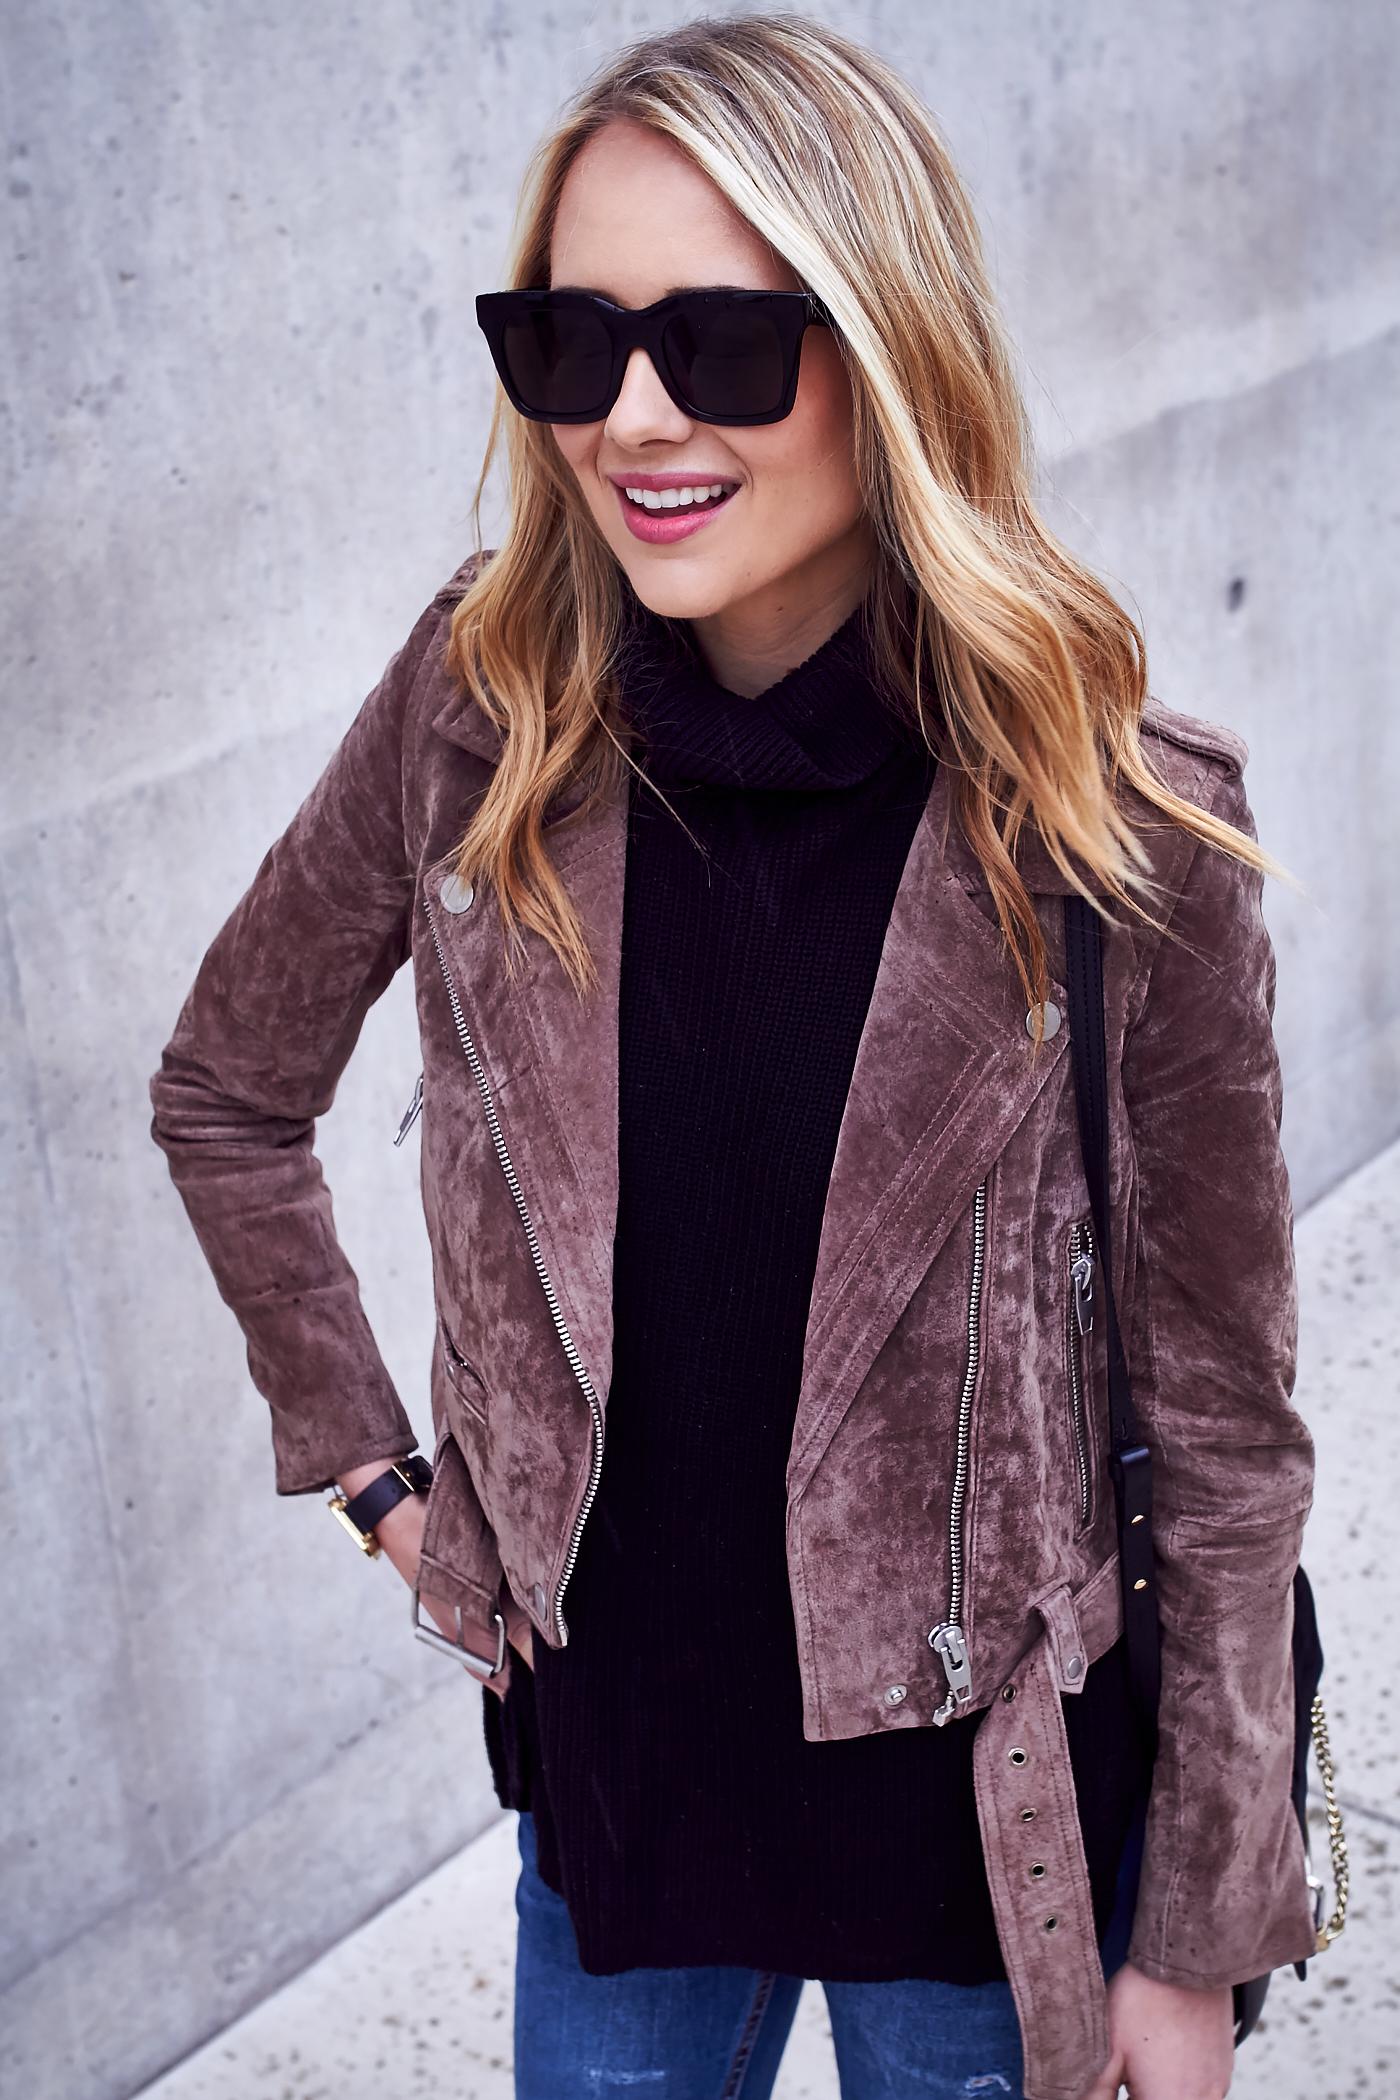 Celine Sunglasses Nyc  how to wear a suede moto jacket fashion jackson